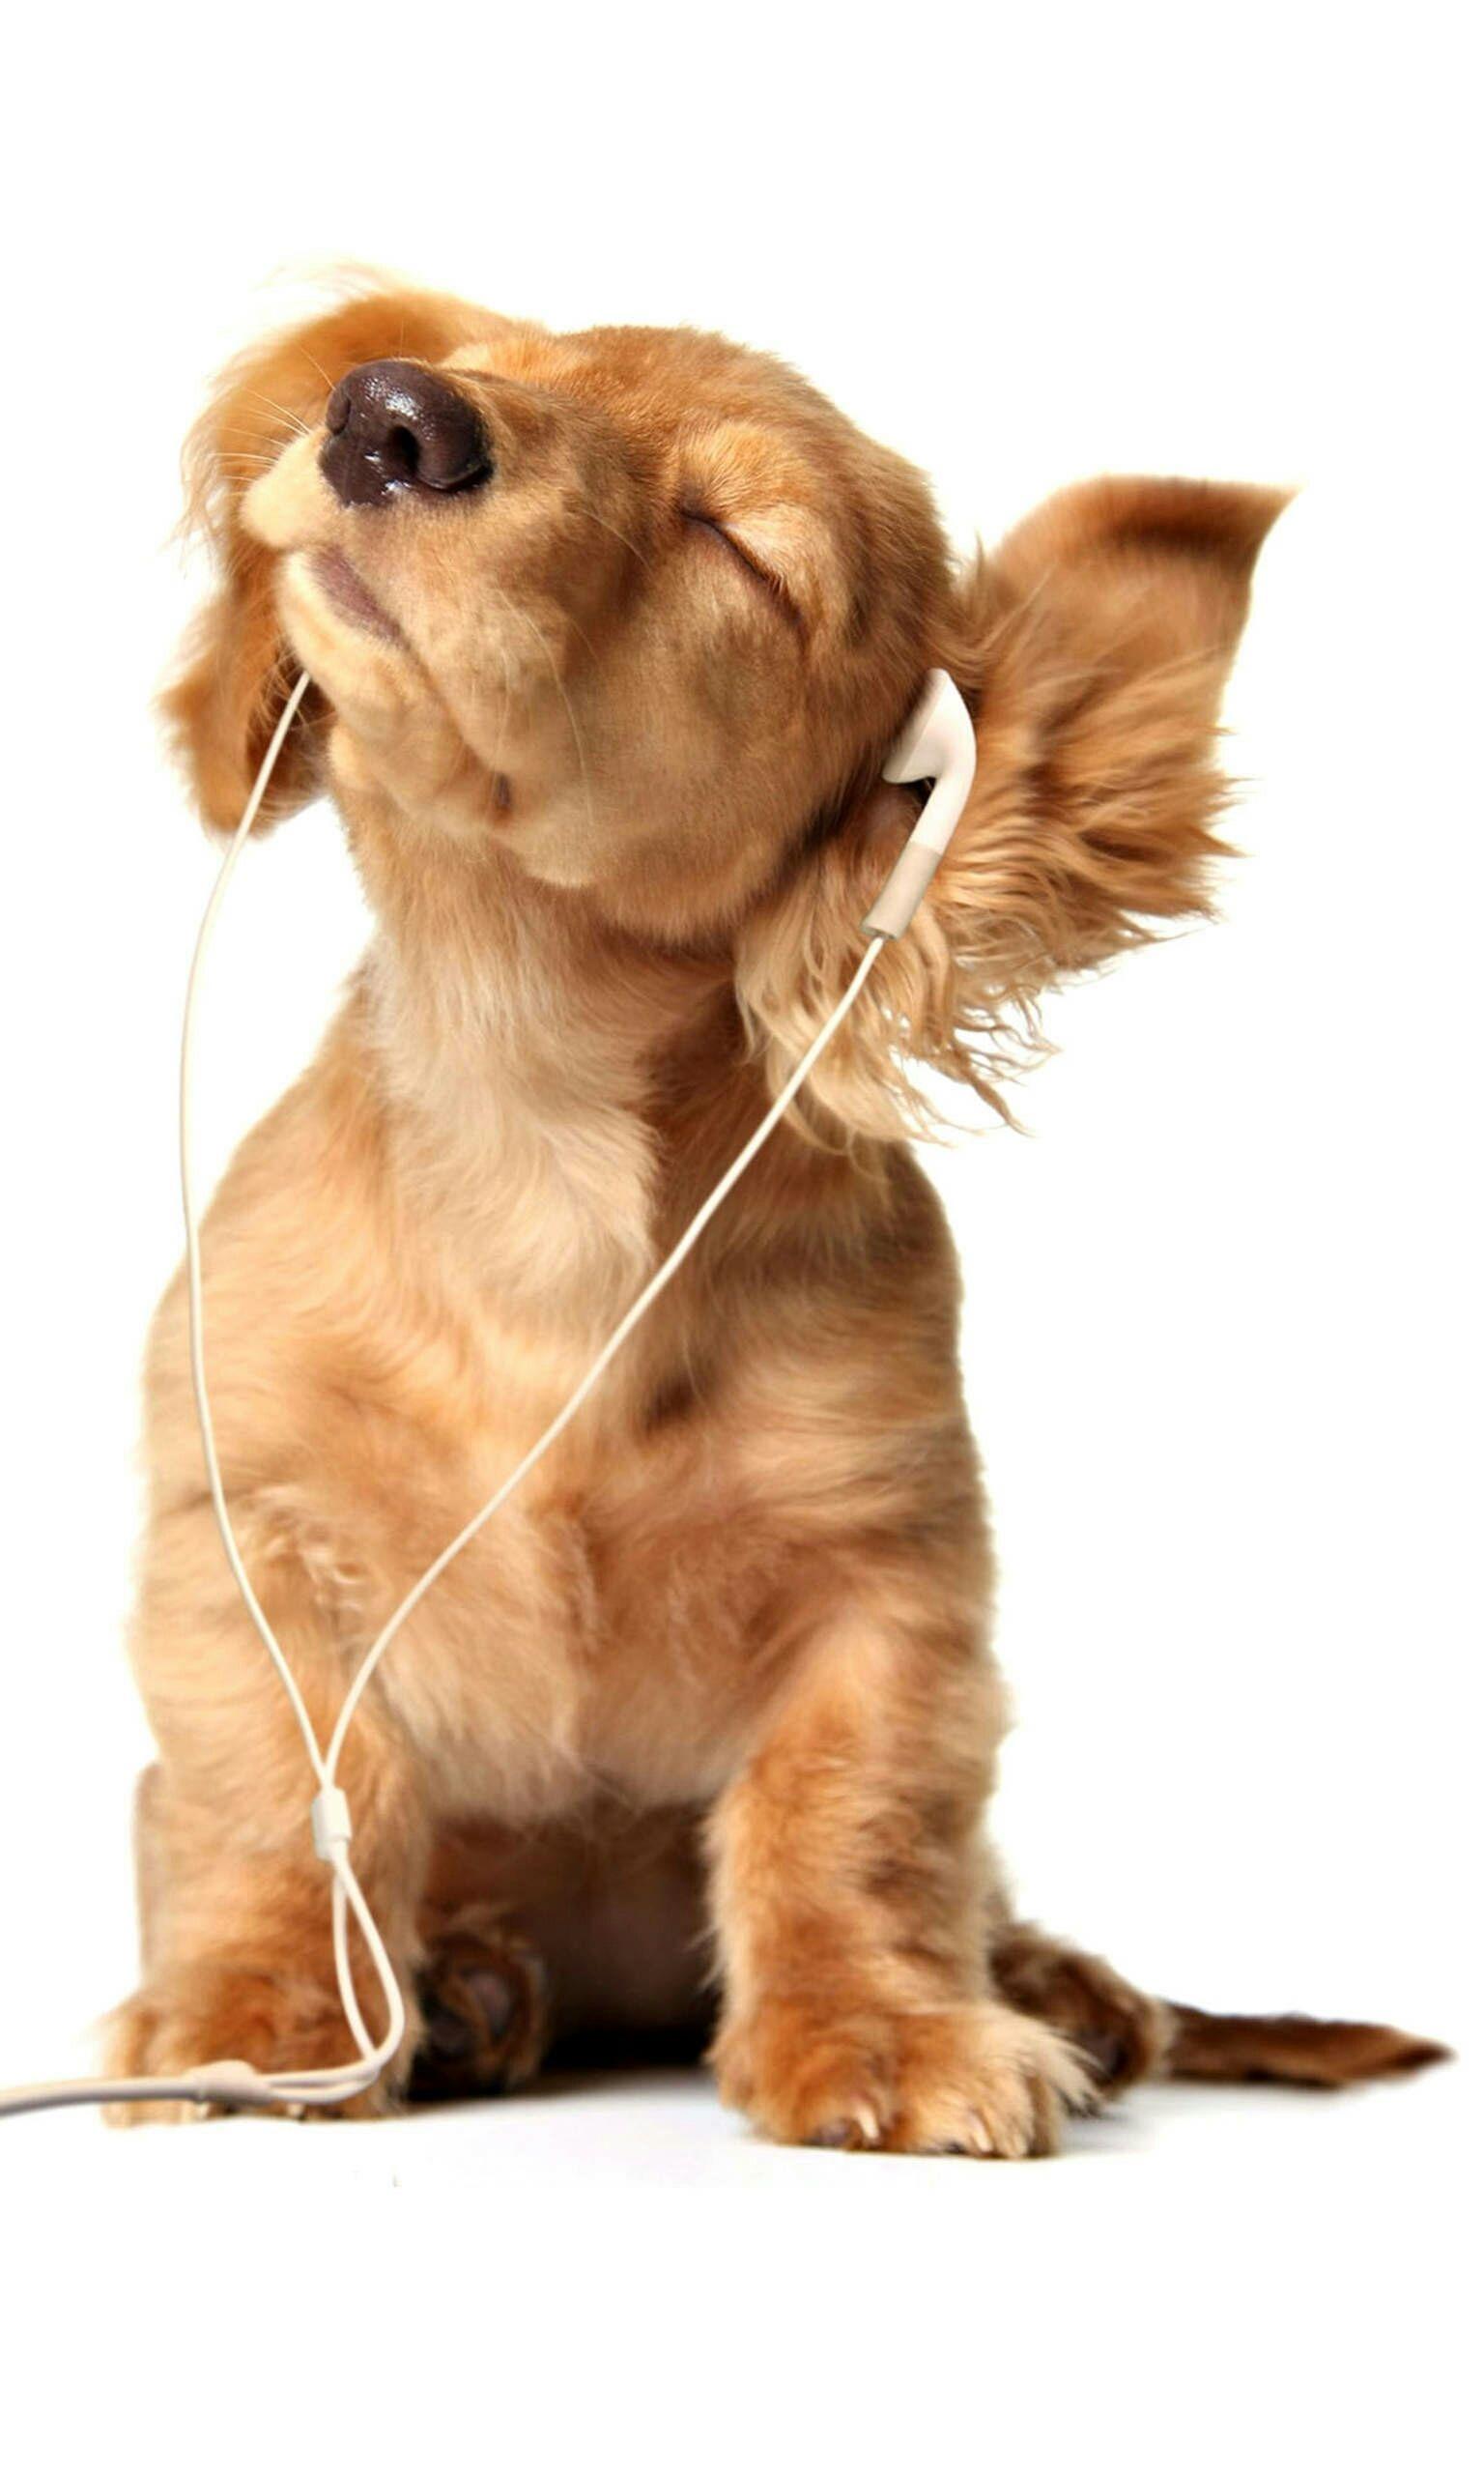 狗狗的图片_求萌狗狗高清图片,做手机壁纸用的。拒绝带水印!什么狗狗都 ...